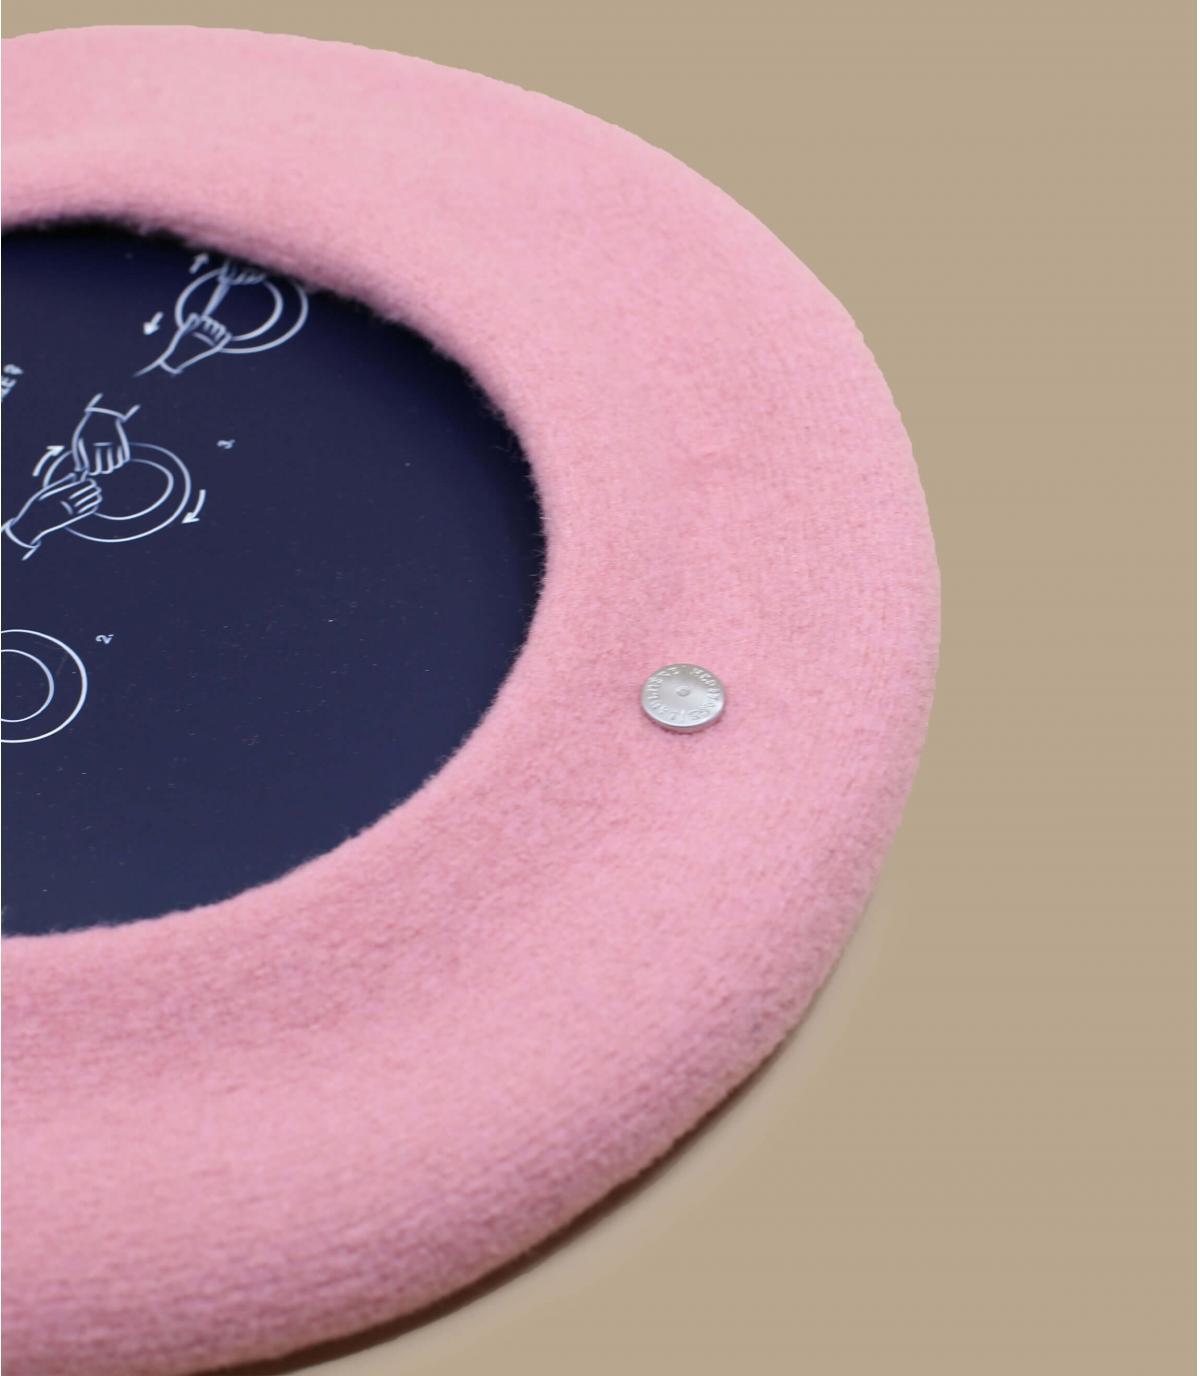 Details Authentique bubble gum - afbeeling 3